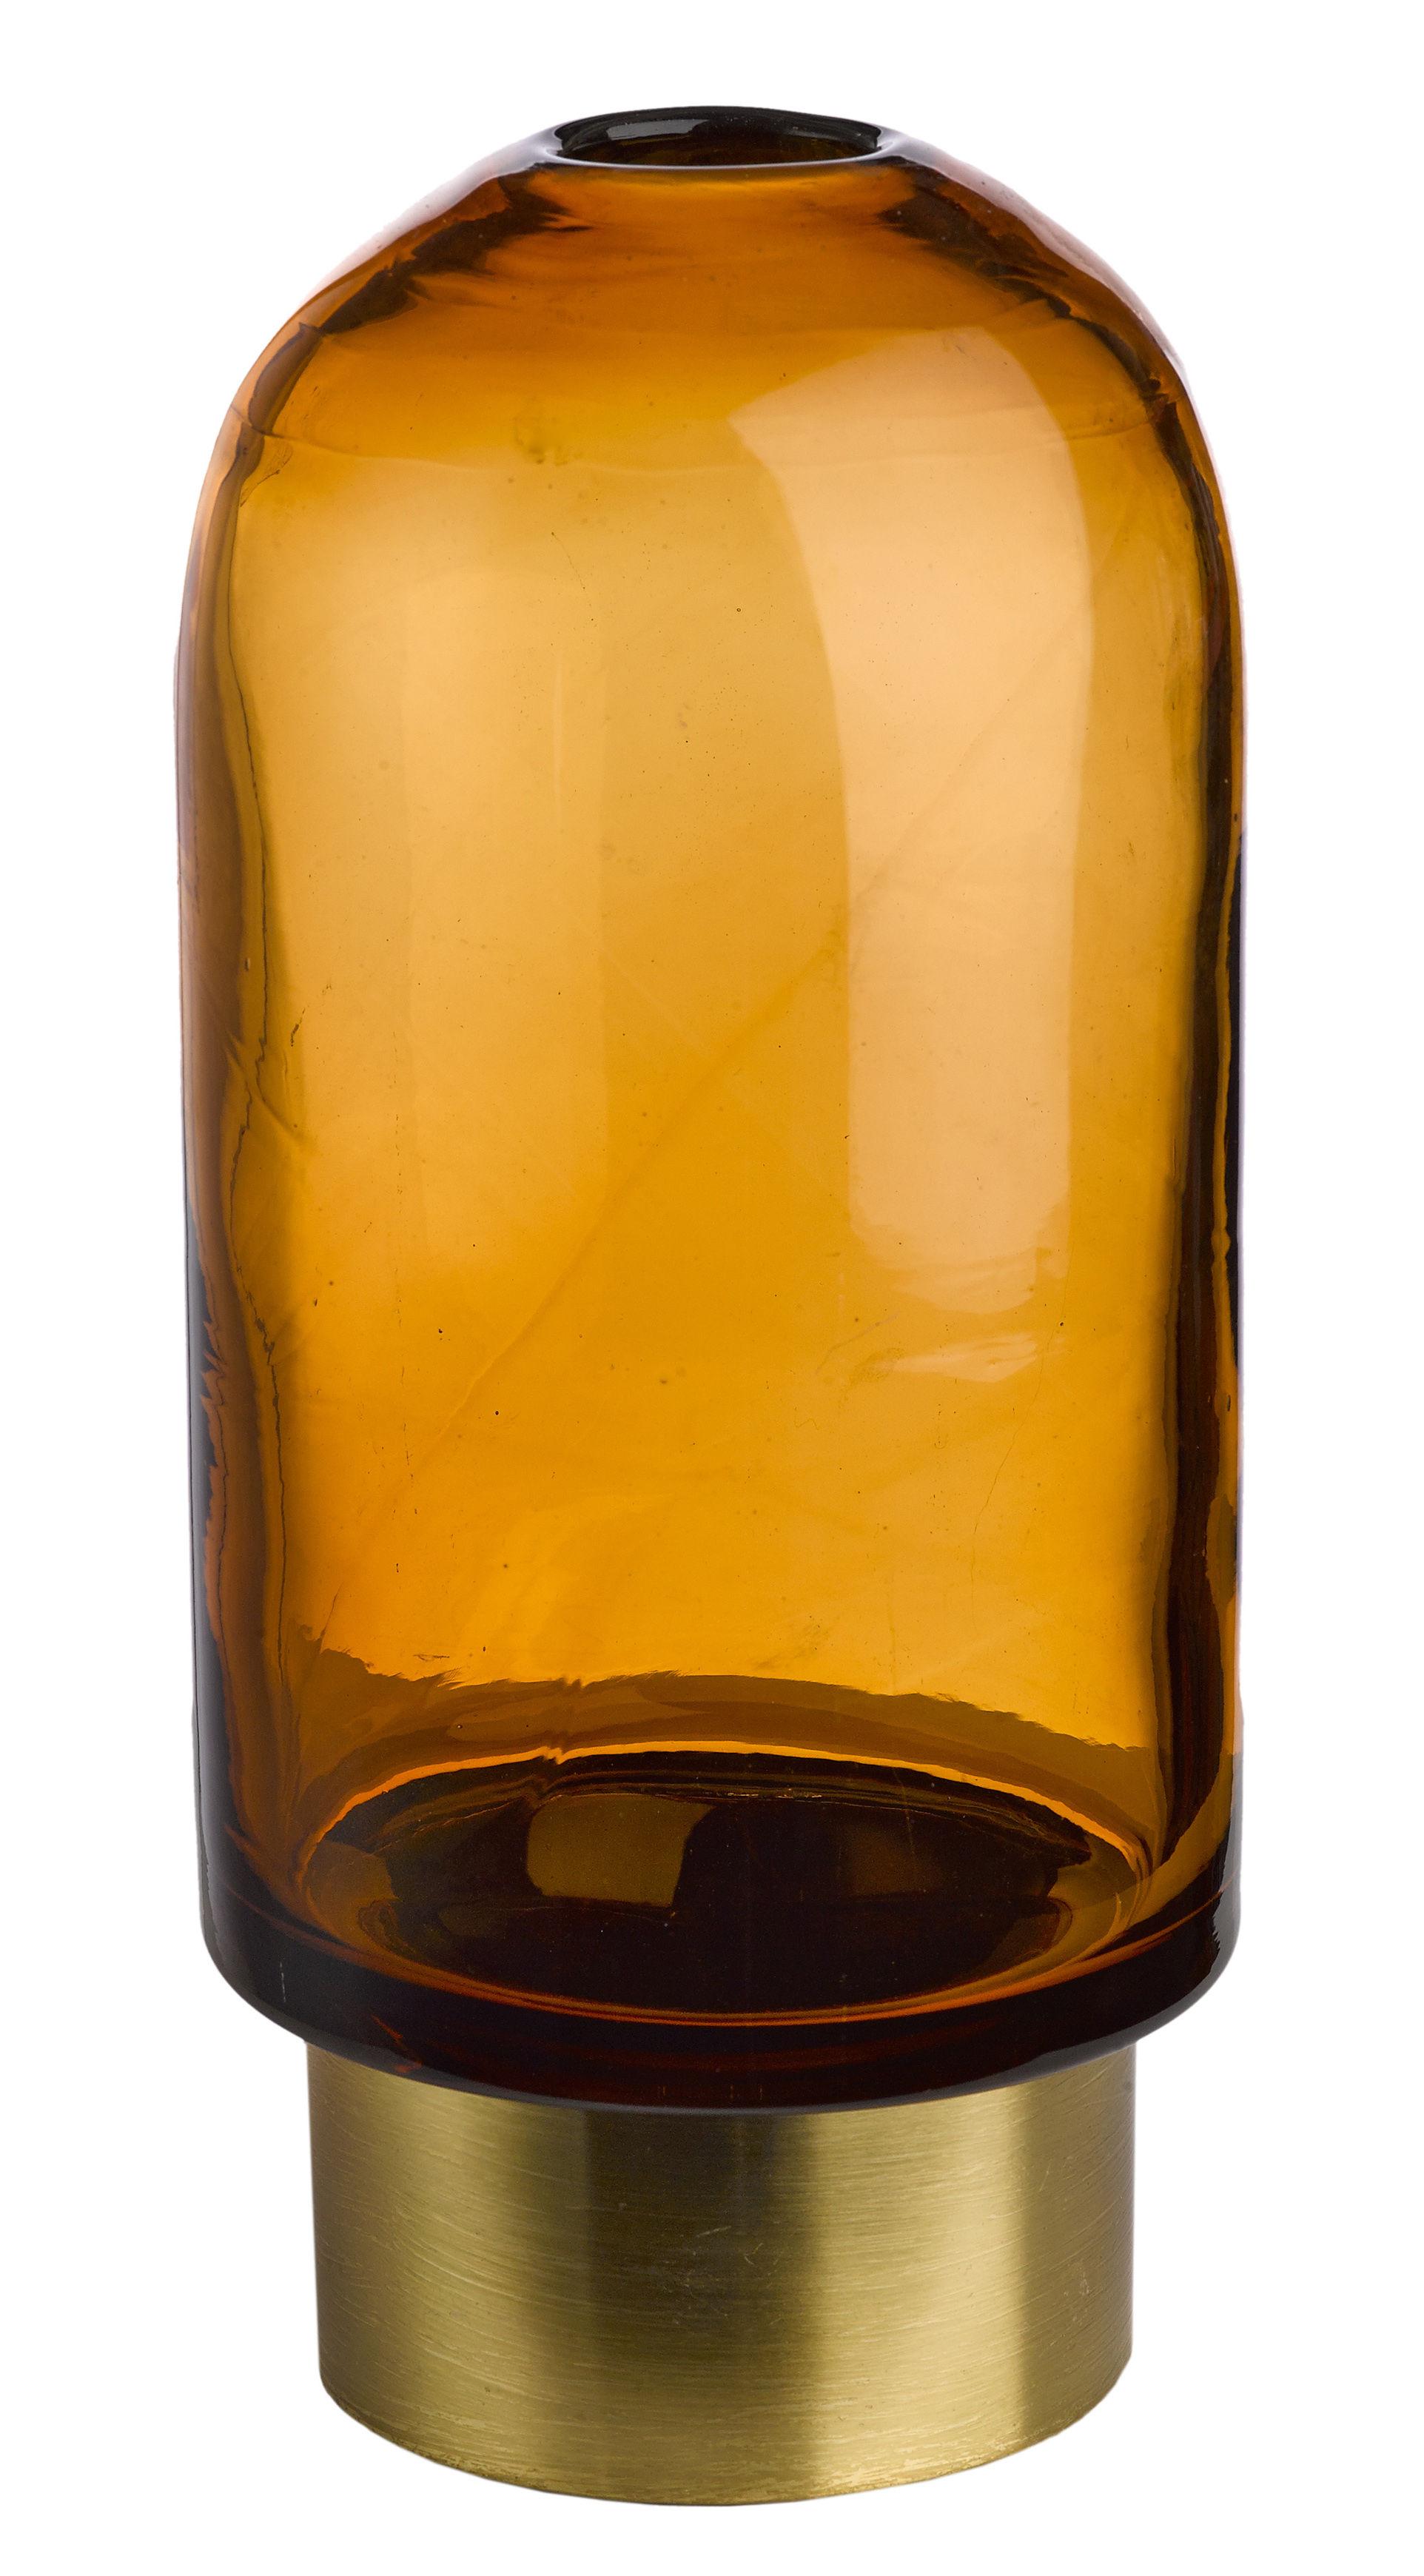 Déco - Vases - Vase Belt Bullet / Verre & Laiton - H 26 cm - Pols Potten - Ambre / Laiton - Laiton, Verre